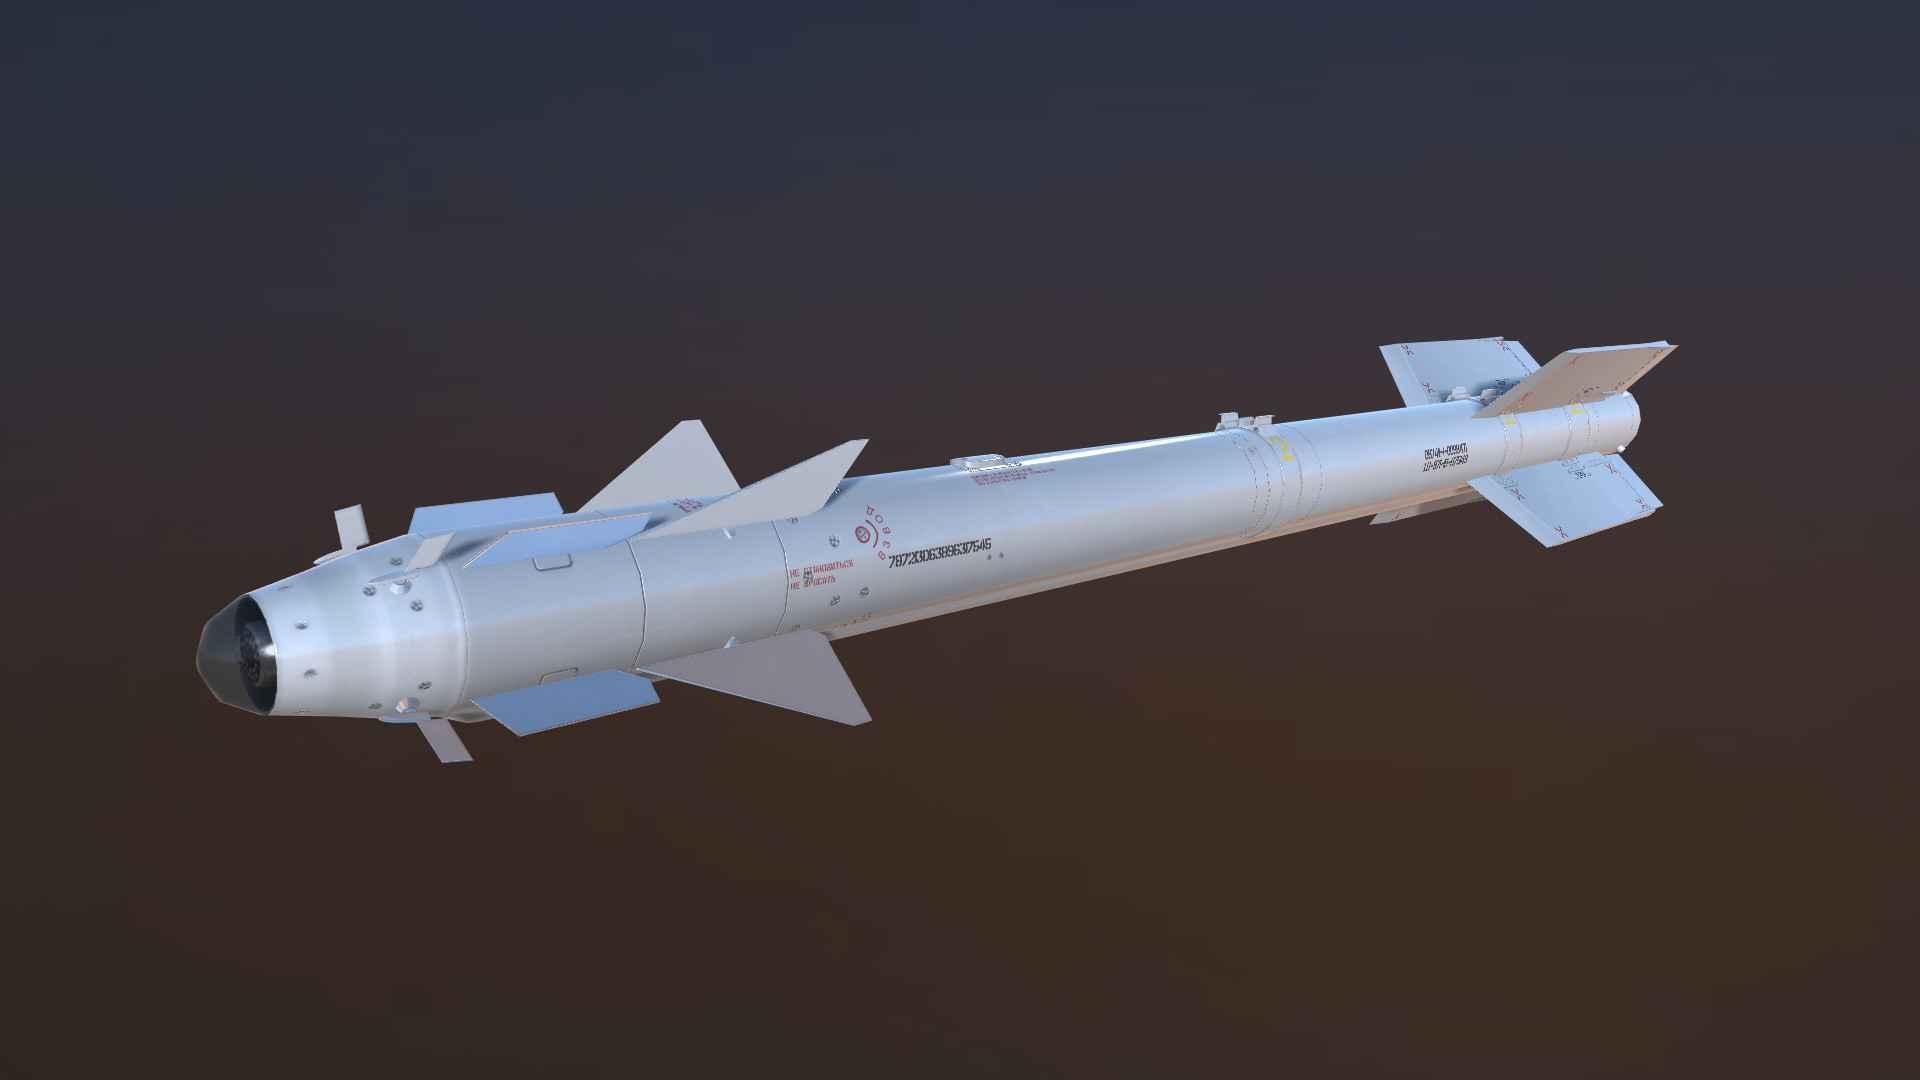 Rússia inicia a produção de novos mísseis WVR R-74 (RVV-MD)